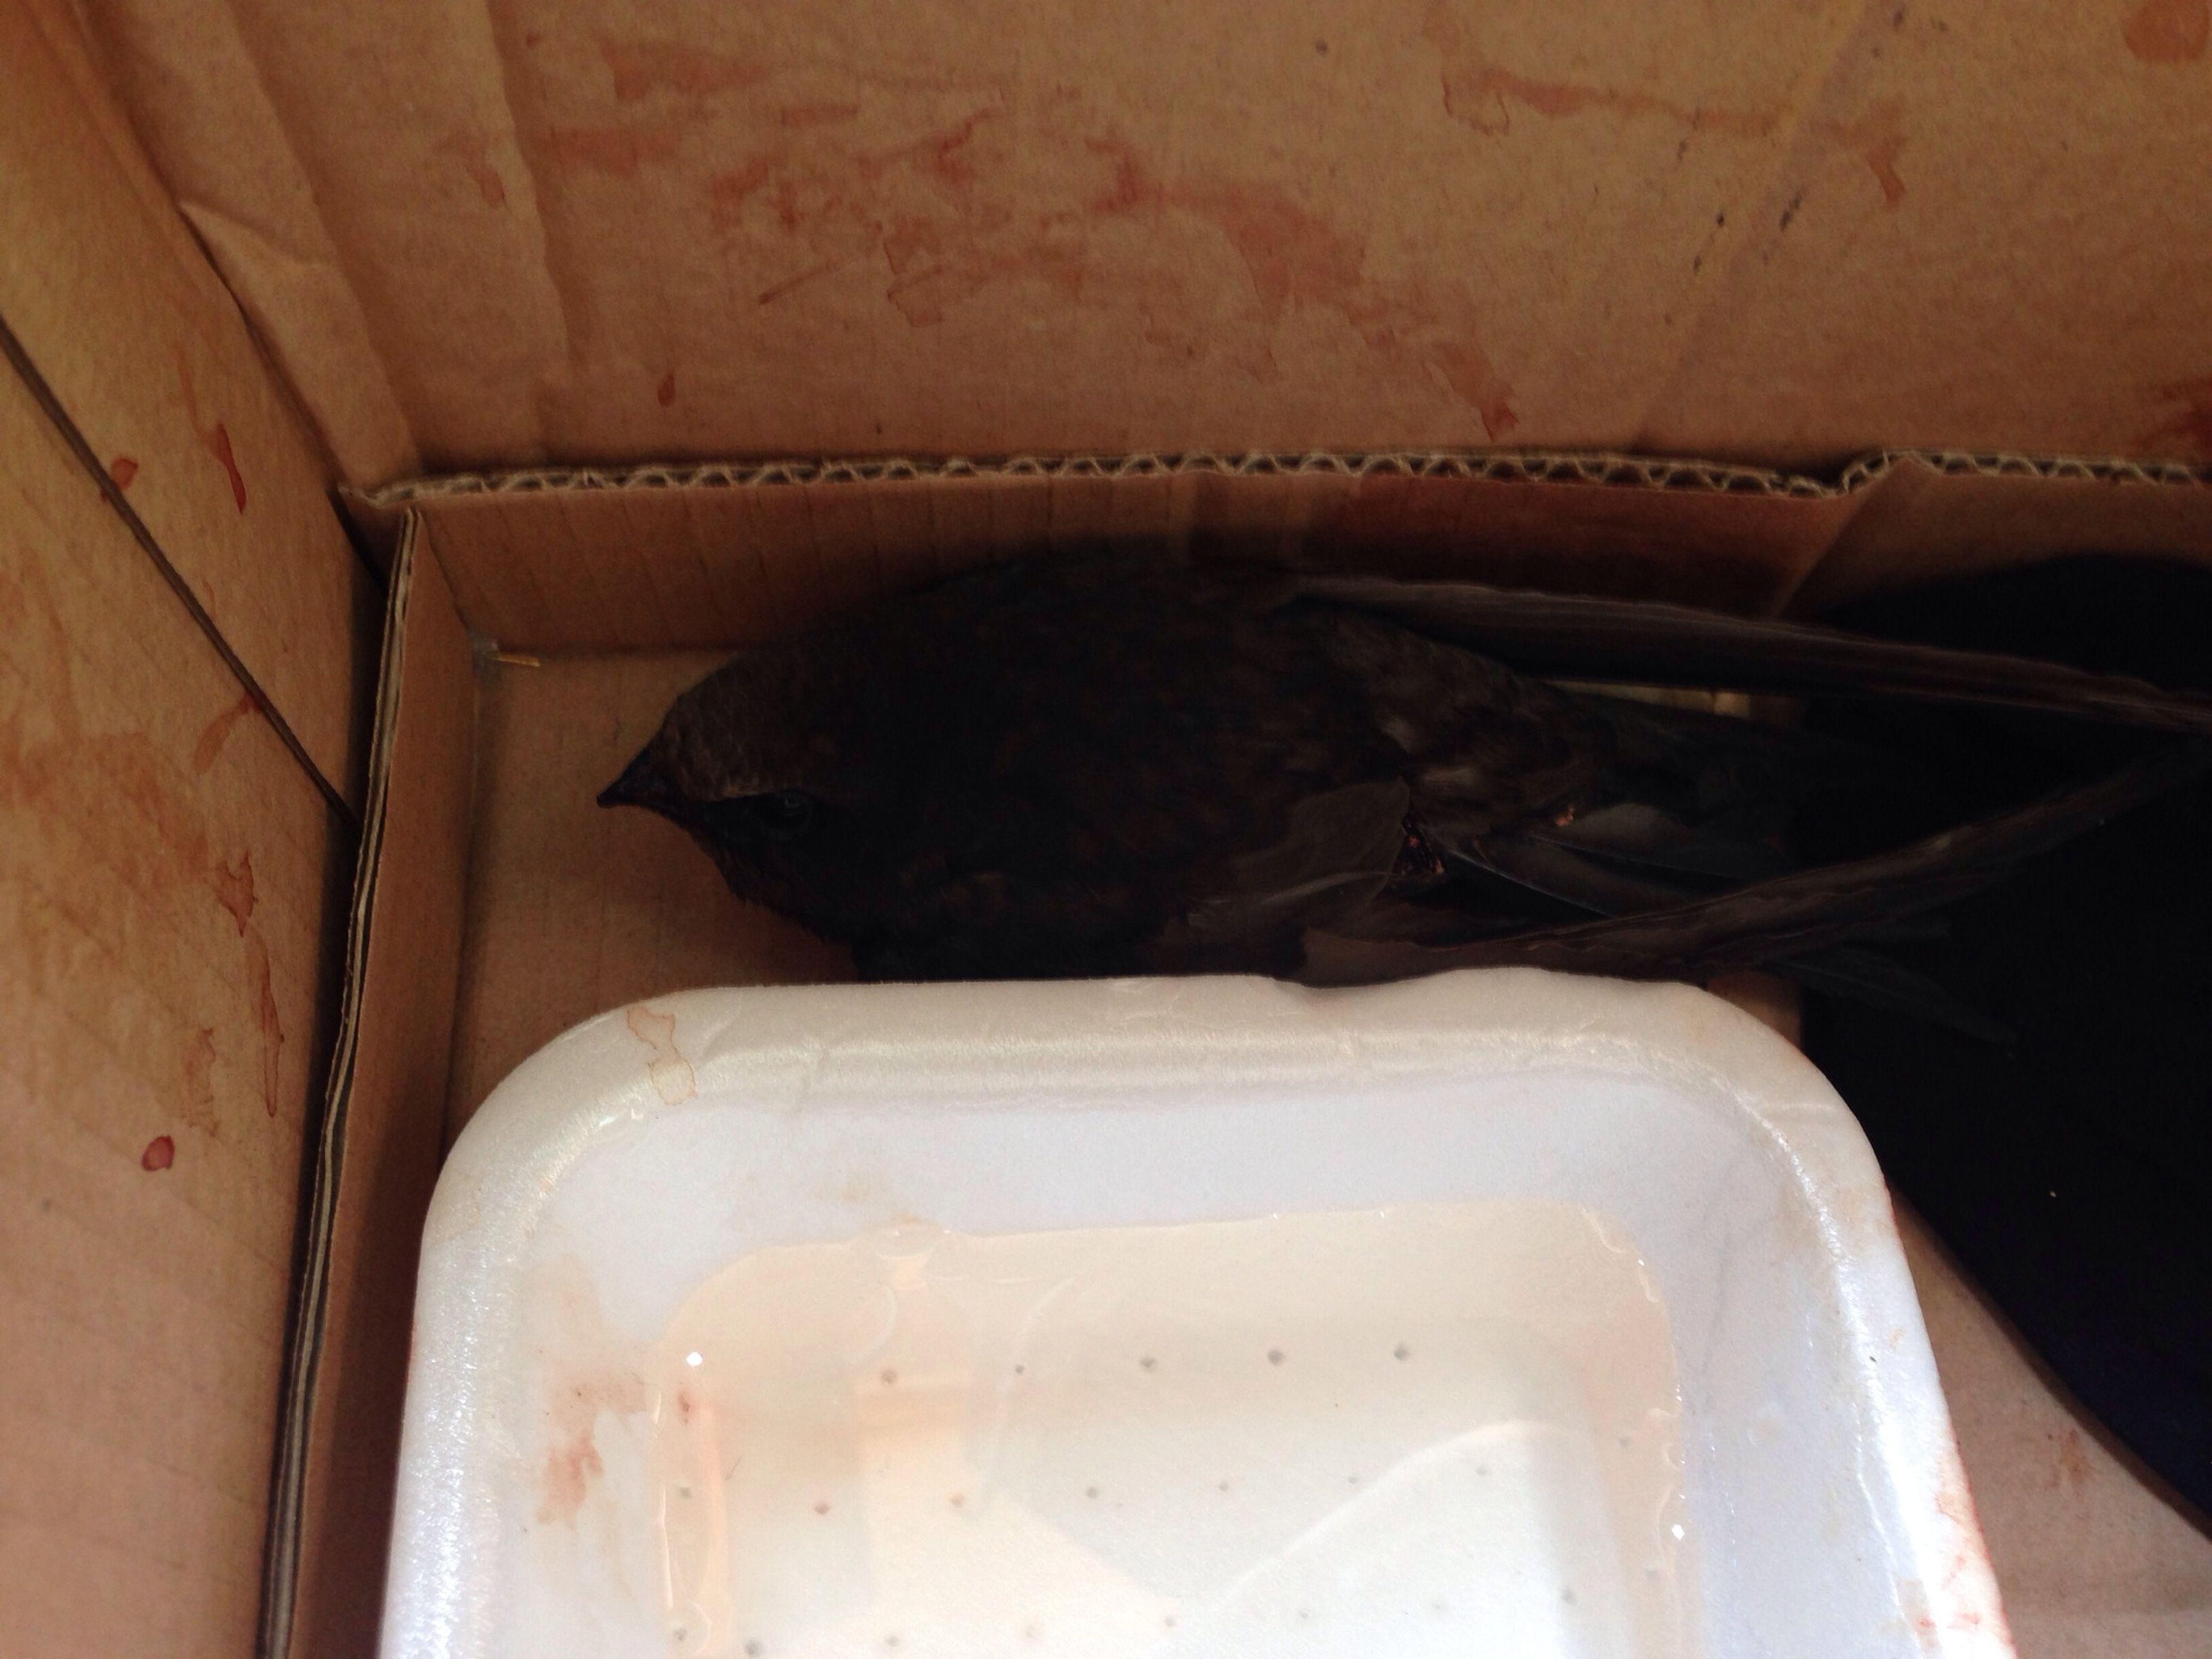 Sti rondoni sempre qui se ferisce Rondonecomune Blackbird Poorbird Il4'